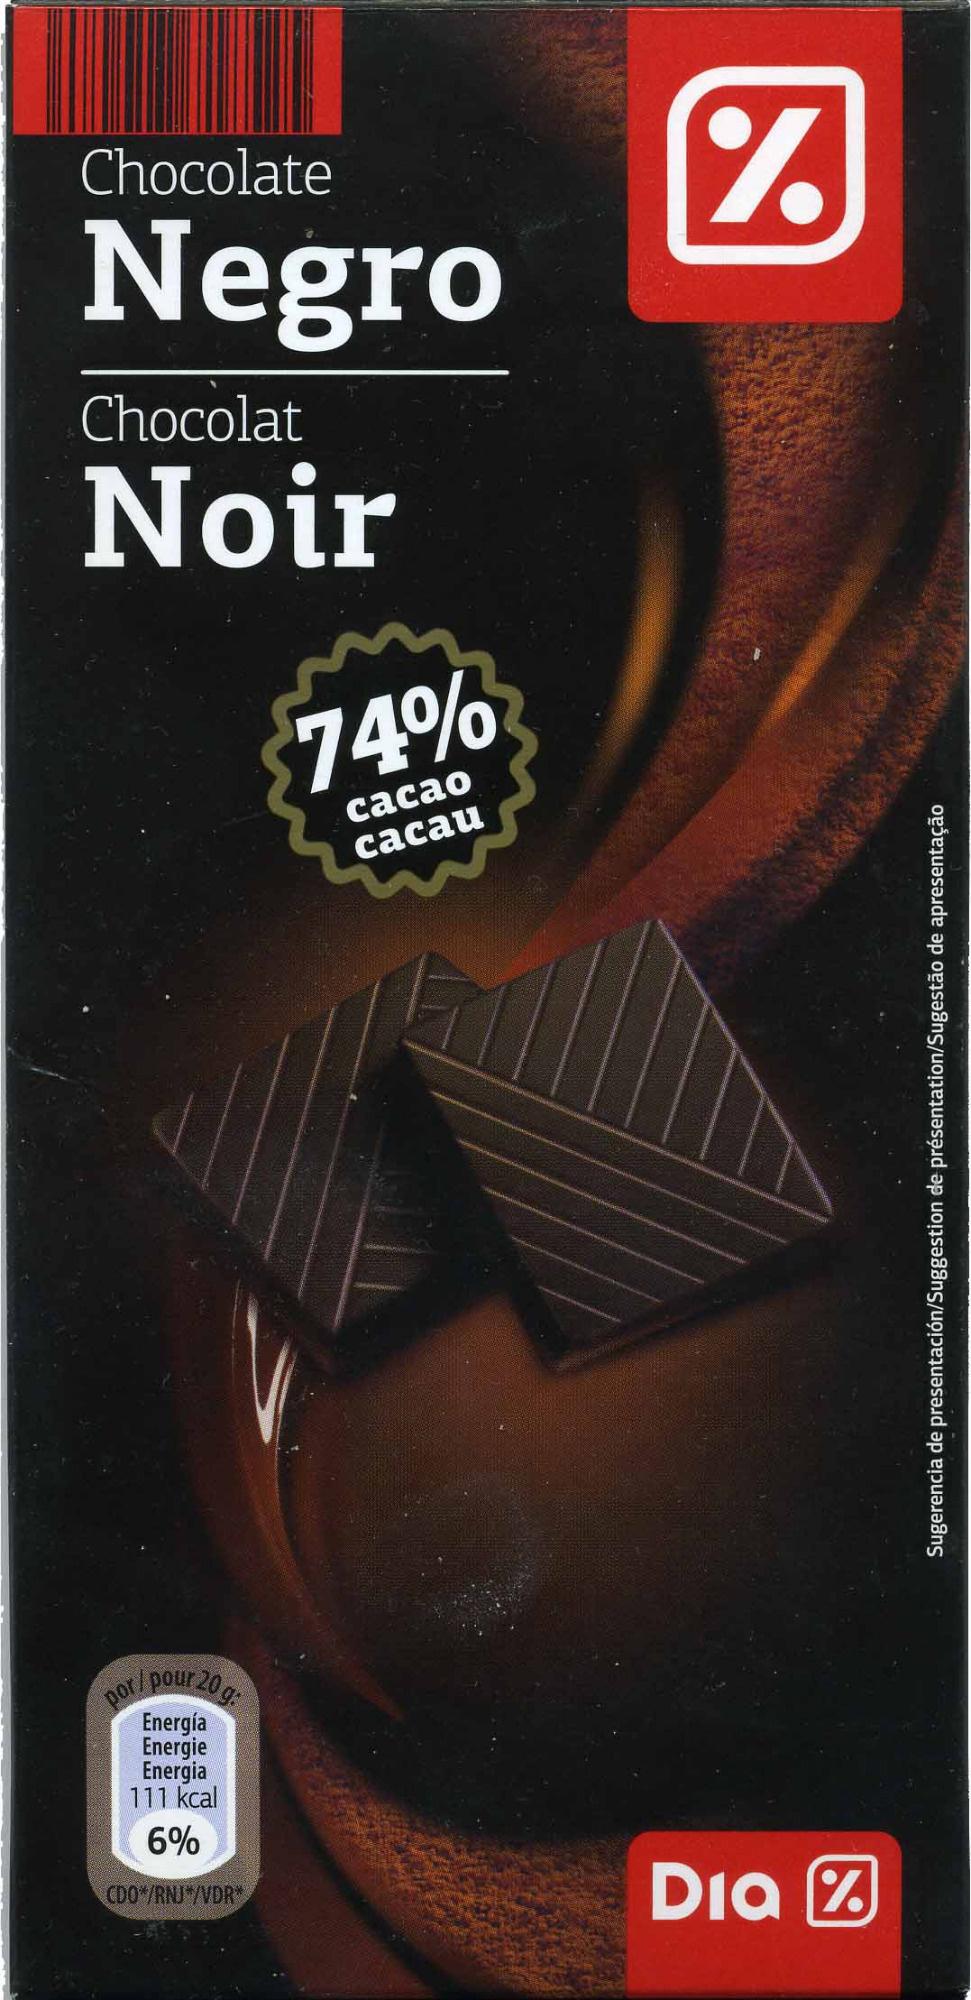 Tableta de chocolate negro 74% cacao - Producto